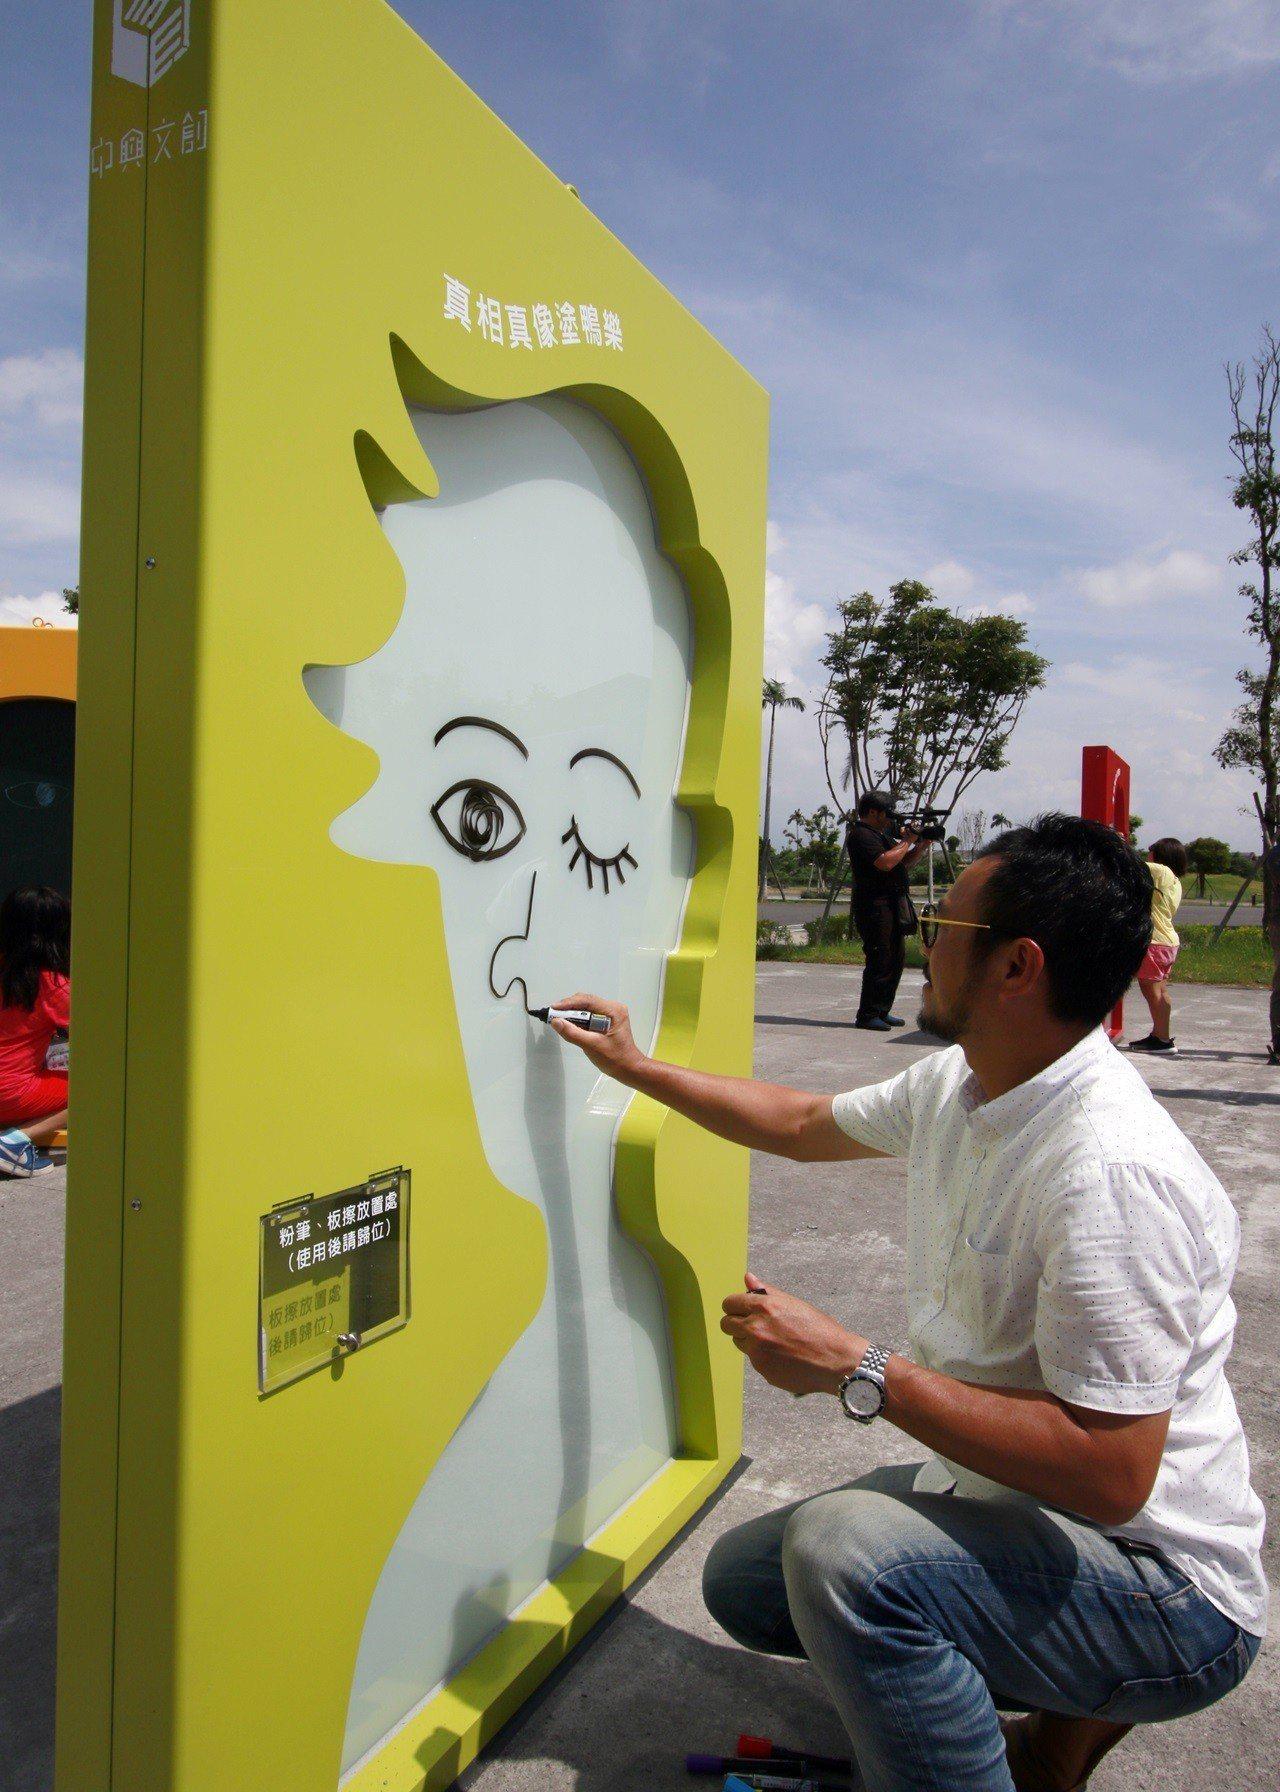 藝術自造祭裝置創作者呂秉承現場示範「真相真像」。圖/宜蘭縣政府文化局提供